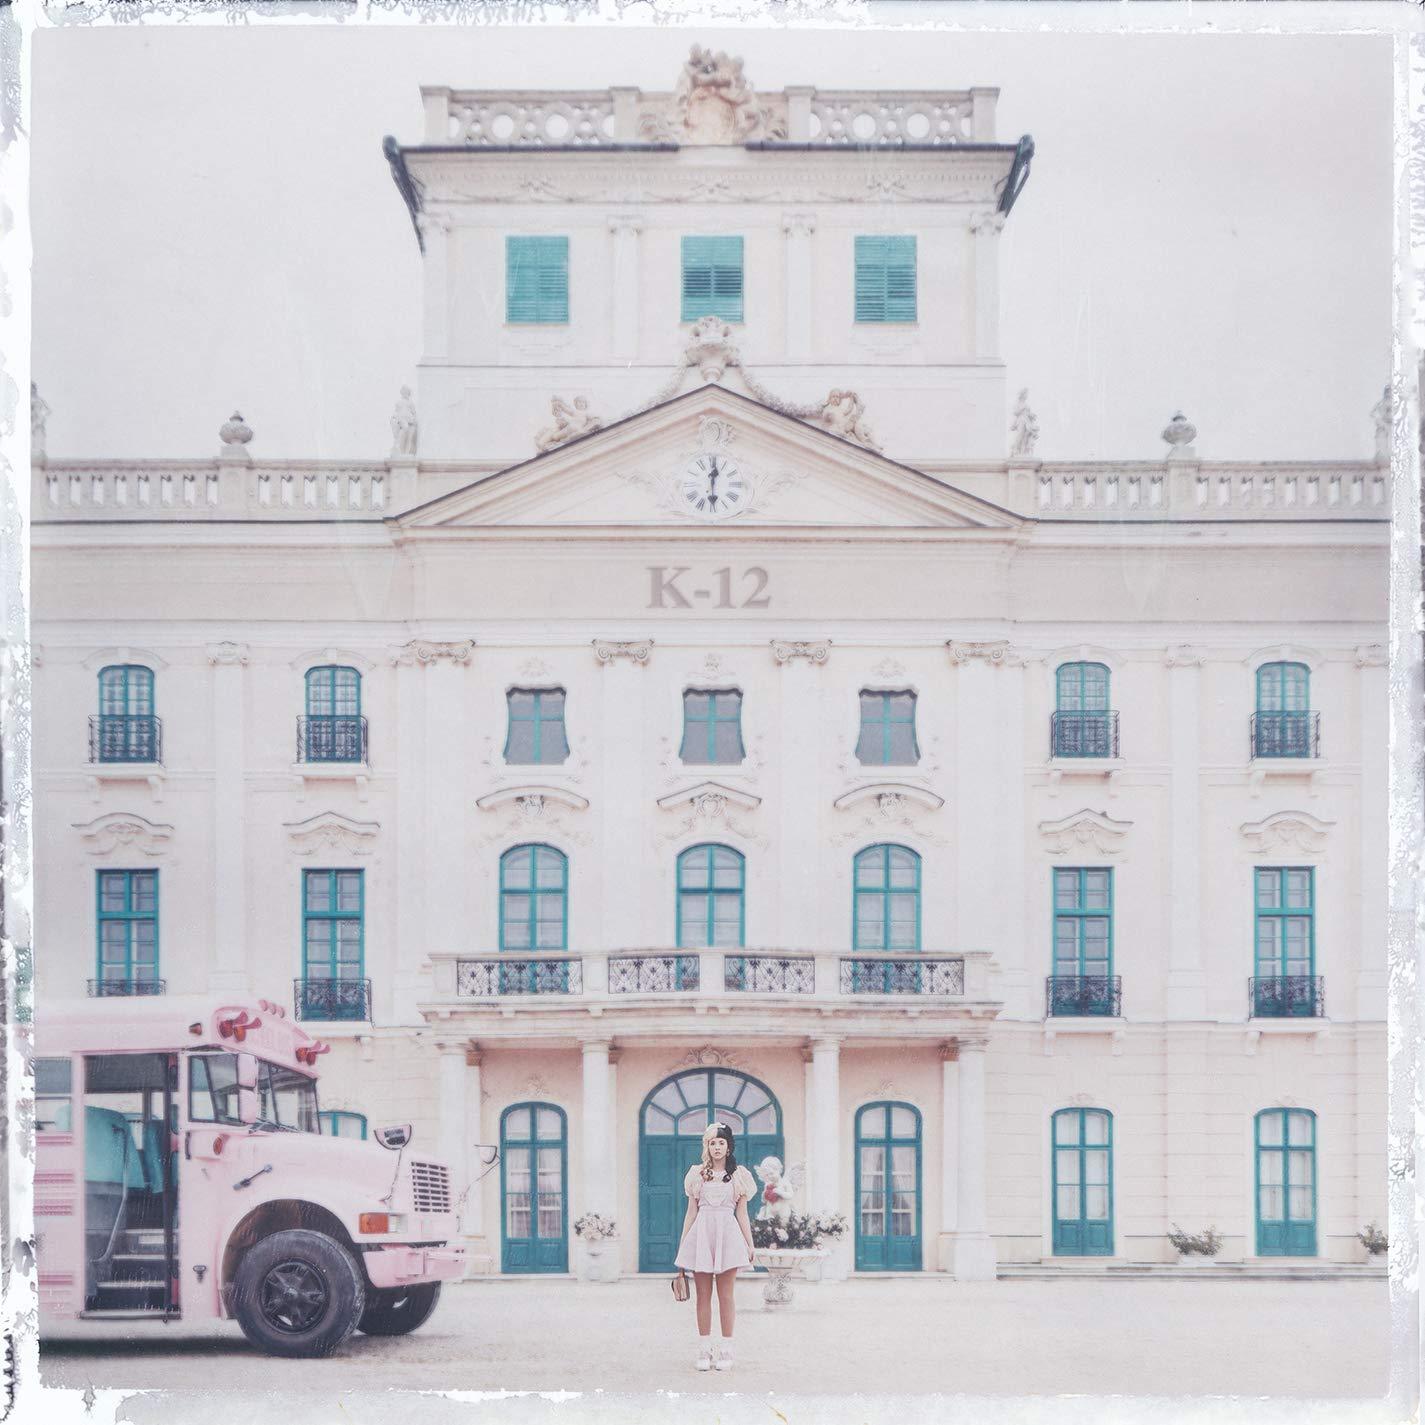 Melanie Martinez's K-12 album cover.  Photo courtesy of Google Images